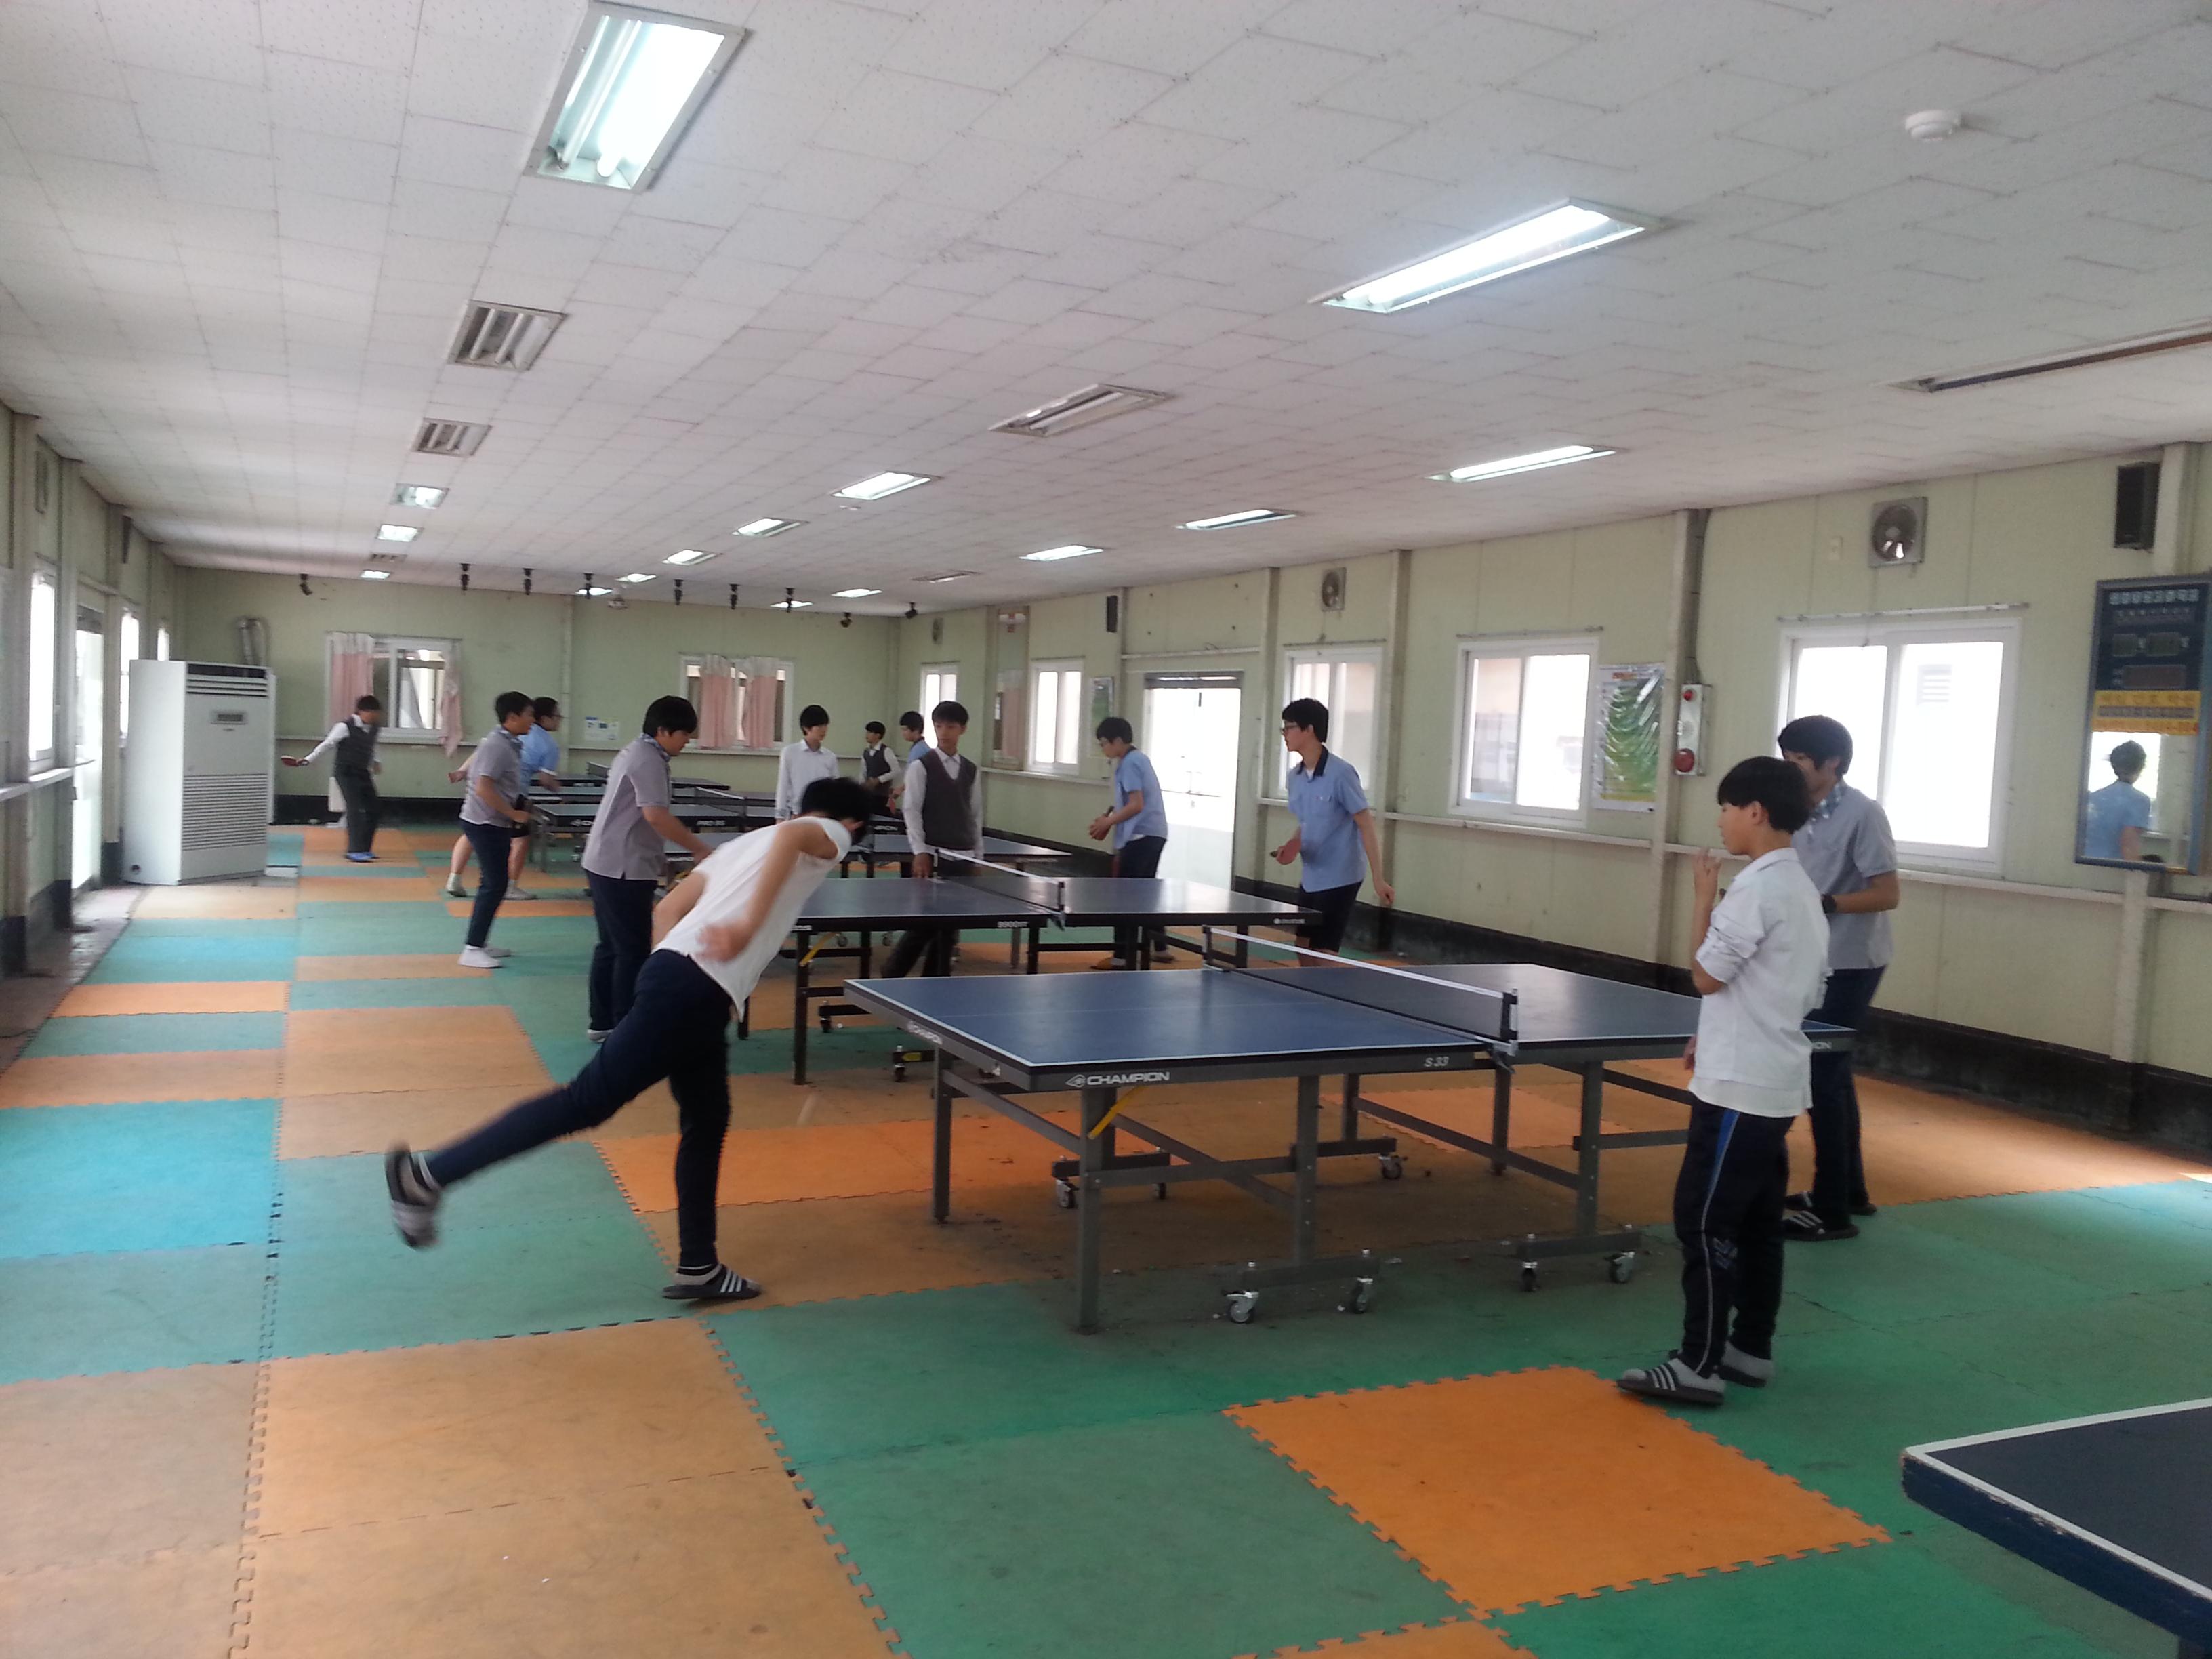 [일반] 학교장배 학교 스포츠클럽대회 제2라운드 시작의 첨부이미지 4